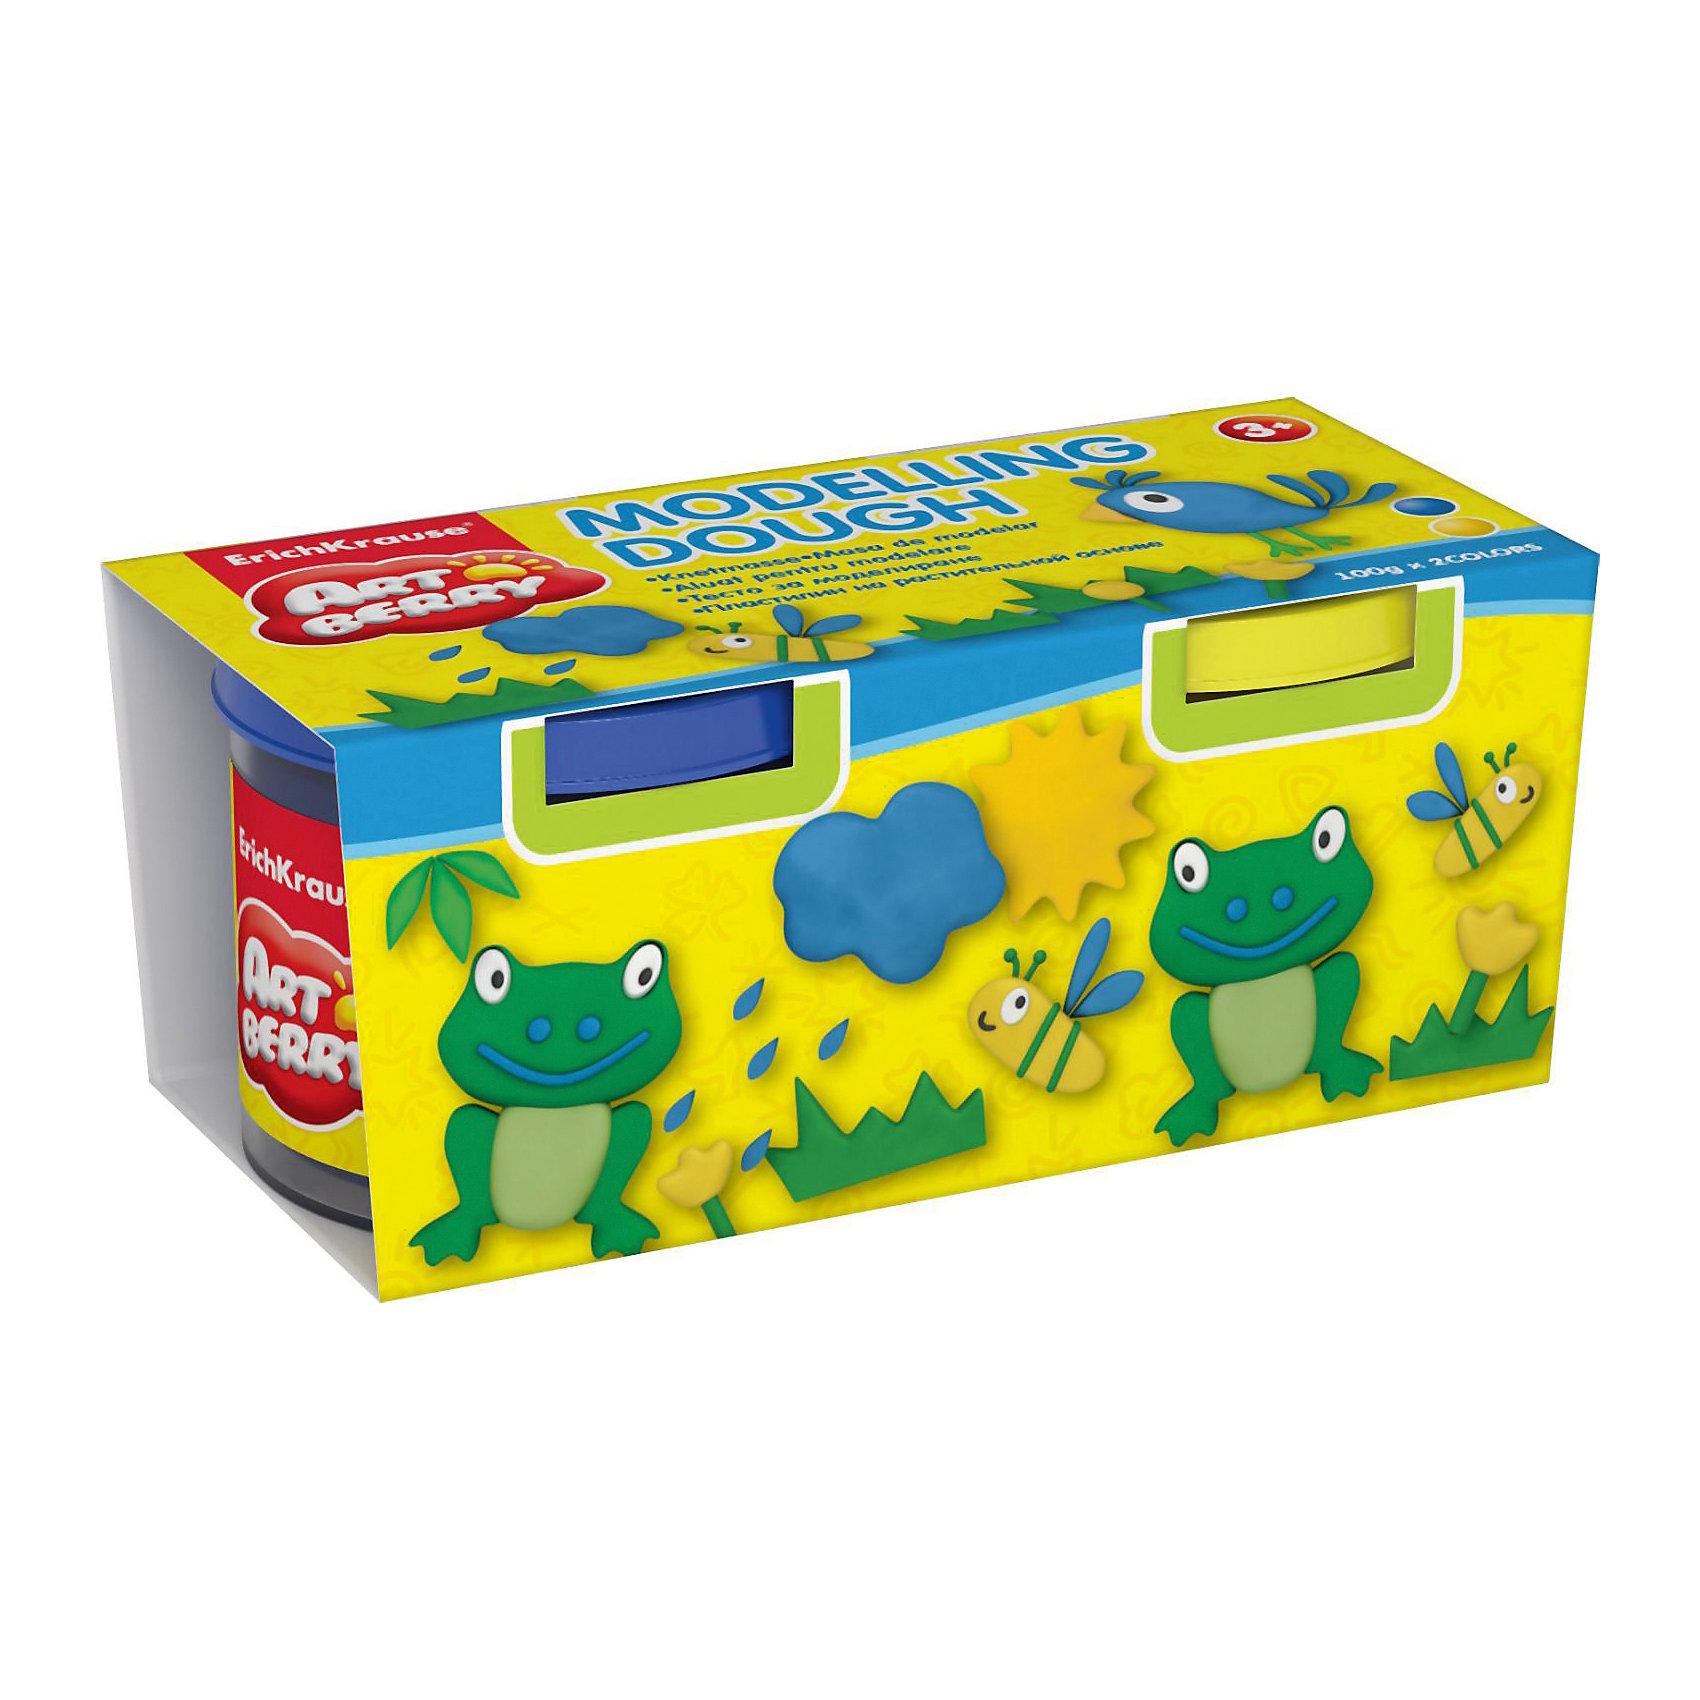 Пластилин на растительной основе Modelling Dough, 2 цвета по 100г (желтый, синий)Рисование и лепка<br>Характеристики товара:<br><br>• материал упаковки: картон<br>• в комплект входит: 2 банки по 100 г<br>• возраст: от 3 лет<br>• габариты упаковки: 22,0х4х4,5 см<br>• вес: 200 г<br>• страна производитель: Россия<br><br>Натуральная продукция – настоящая находка для детского творчества. Так, пластилин на растительной основе станет любимым материалов для творчества у вашего малыша. Мягкий, приятный для тактильного восприятия, он станет фаворитом среди пластилинов у малыша.<br><br>Пластилин на растительной основе Modelling Dough, 2 цвета по 100г (желтый, синий), можно купить в нашем интернет-магазине.<br><br>Ширина мм: 130<br>Глубина мм: 55<br>Высота мм: 57<br>Вес г: 253<br>Возраст от месяцев: 36<br>Возраст до месяцев: 2147483647<br>Пол: Унисекс<br>Возраст: Детский<br>SKU: 5409327